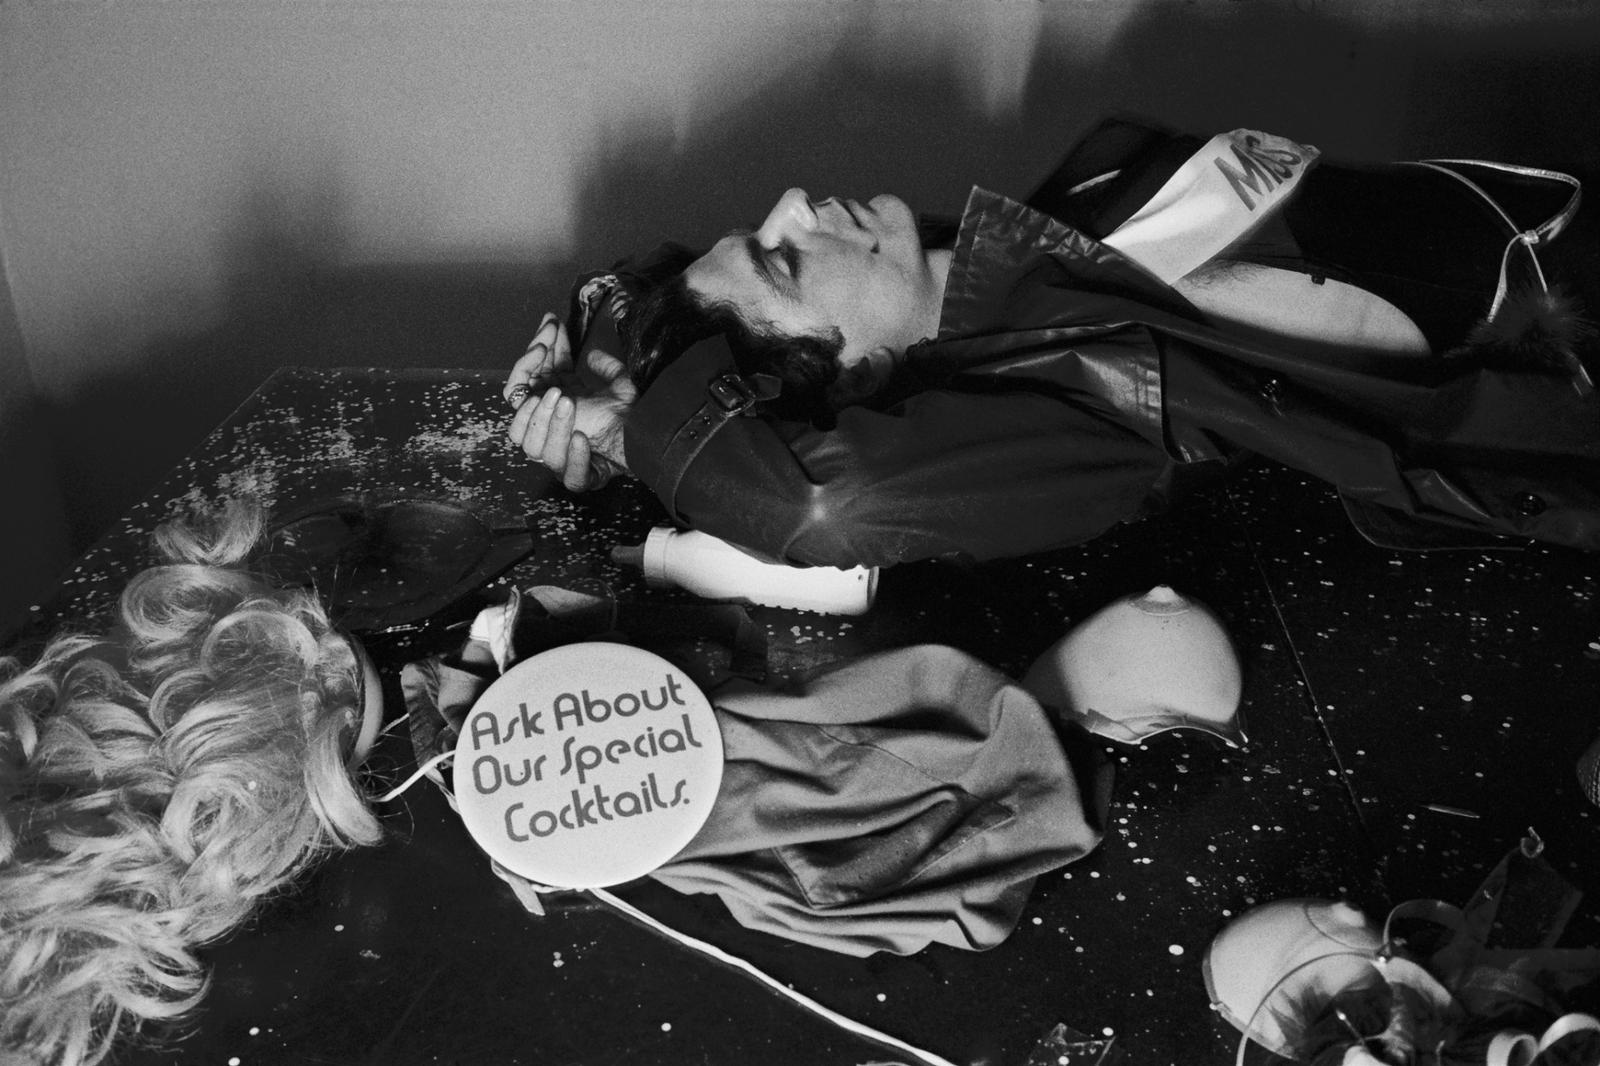 70年代美國紐約傳奇夜店「Studio 54」,政商名流性解放、嬉皮爆棚的 Disco 盛世35